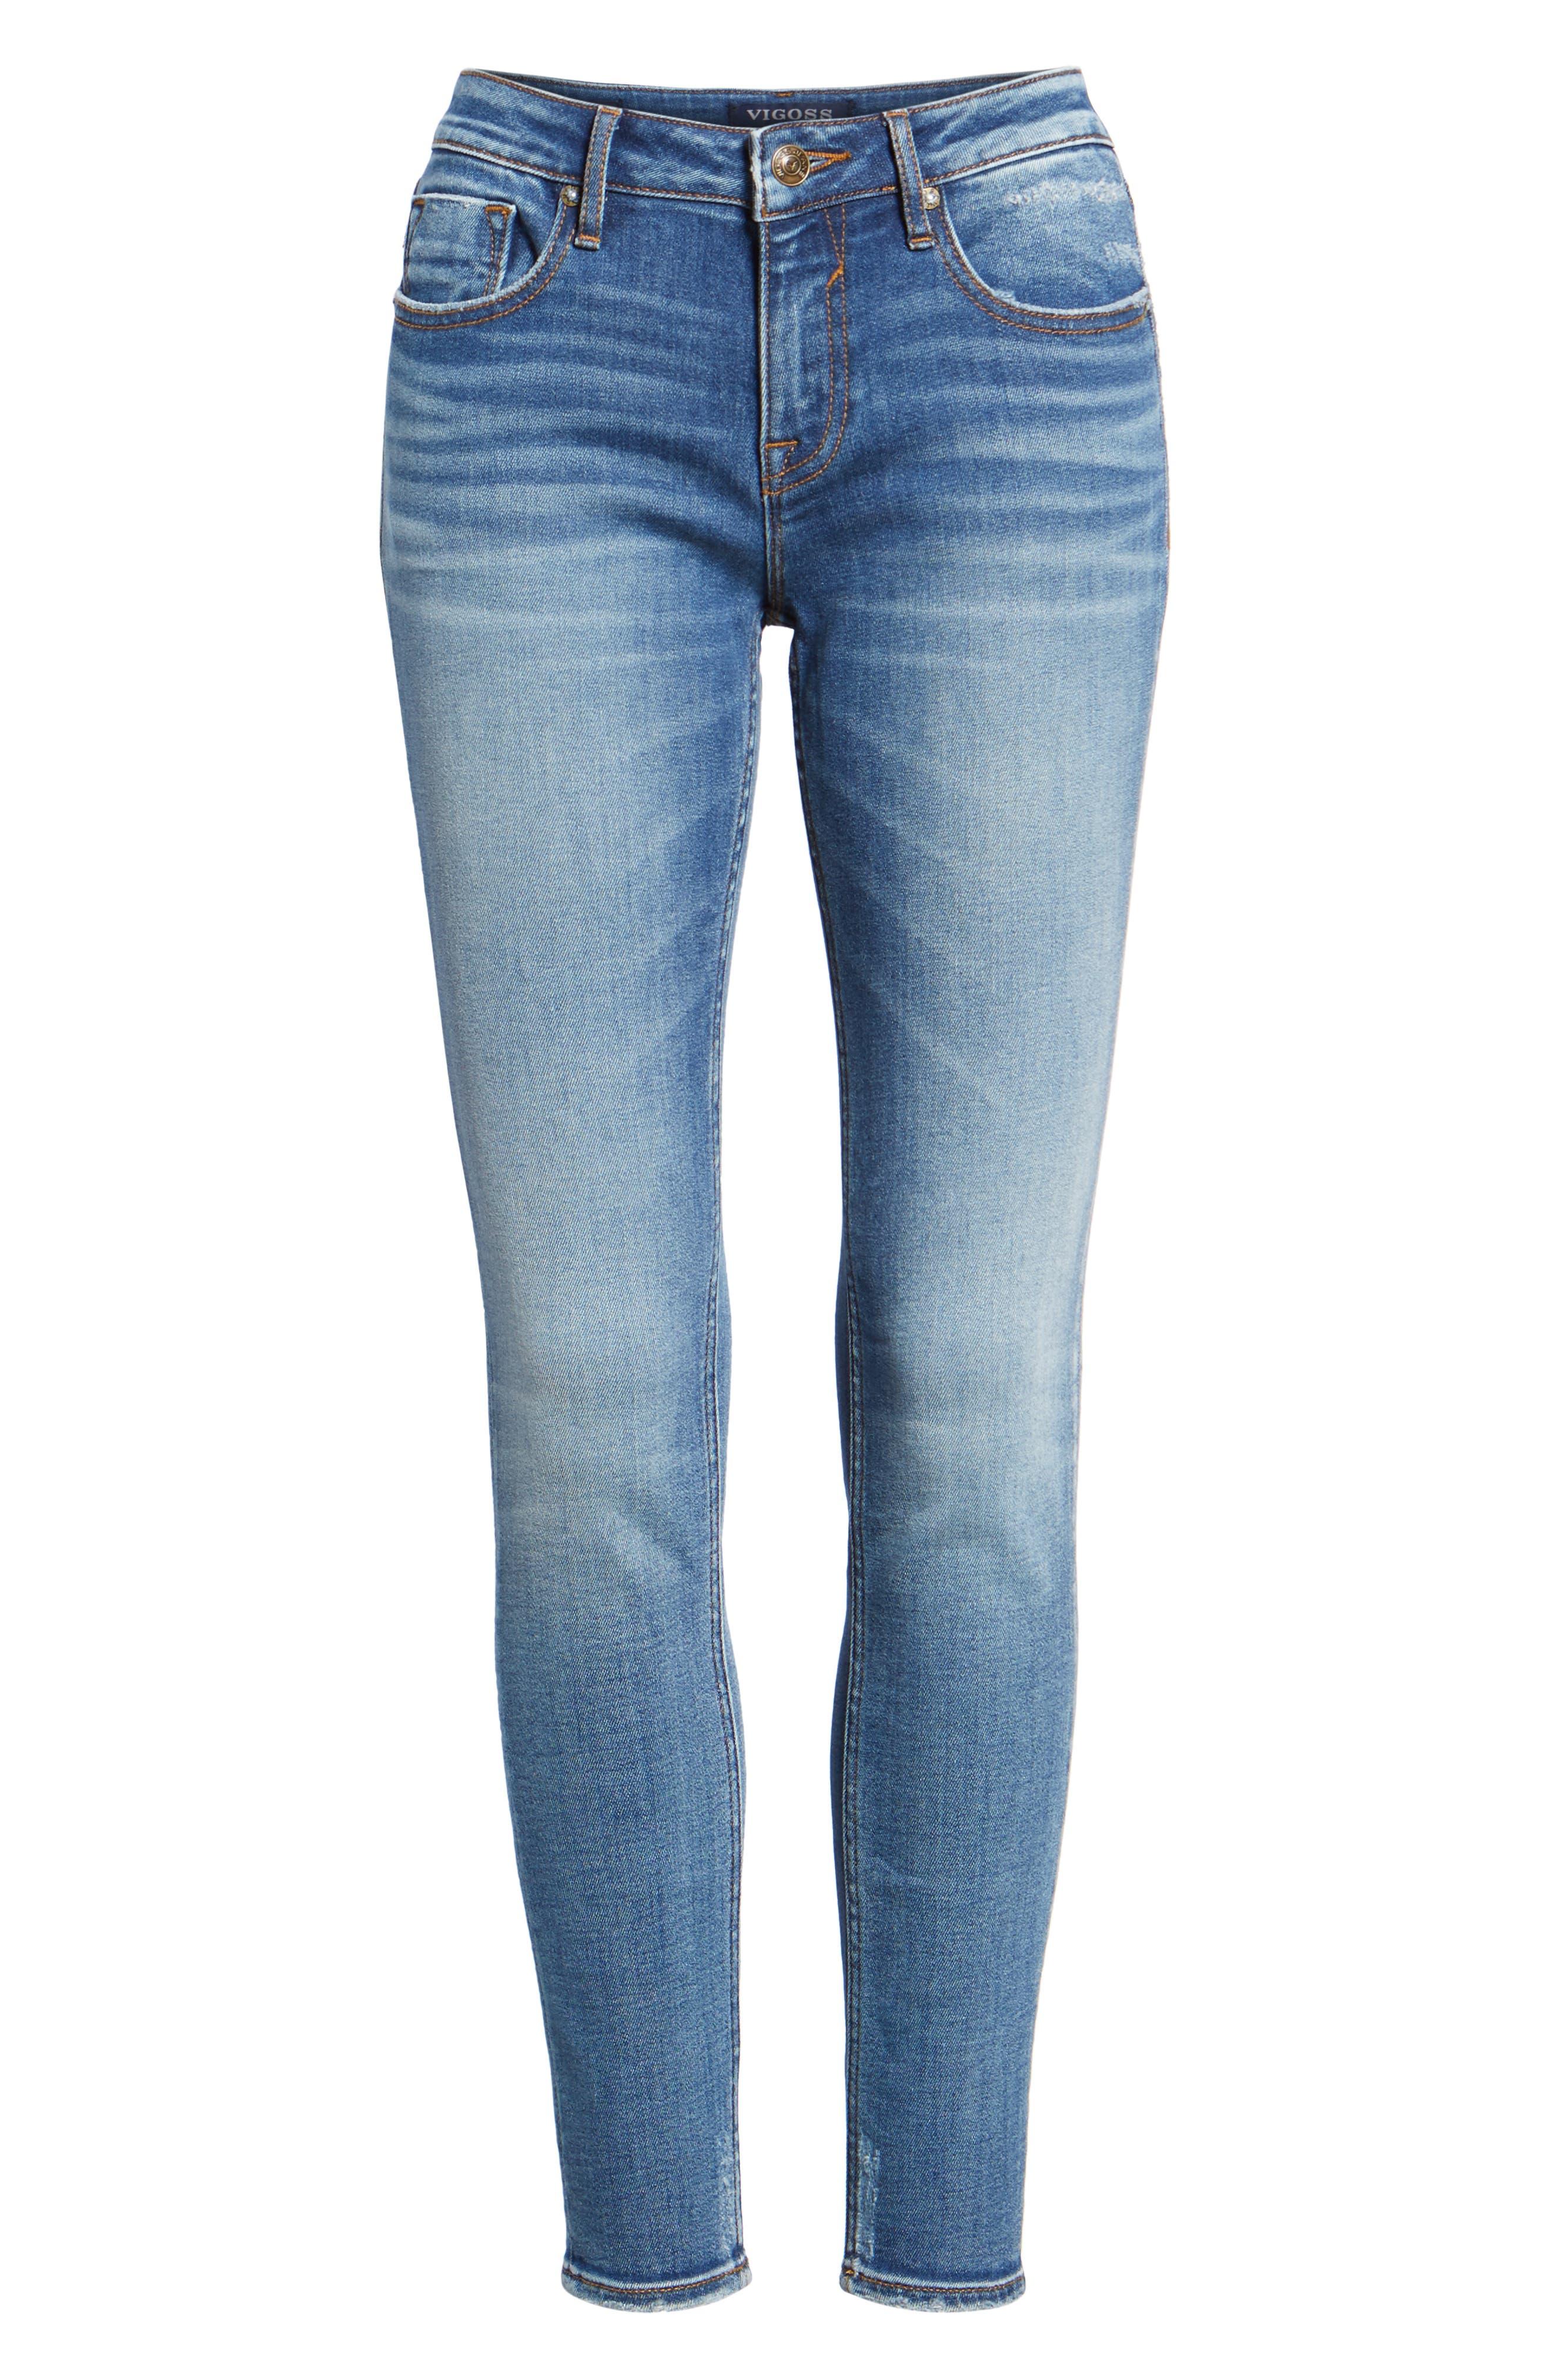 VIGOSS,                             Jagger Skinny Jeans,                             Alternate thumbnail 7, color,                             426